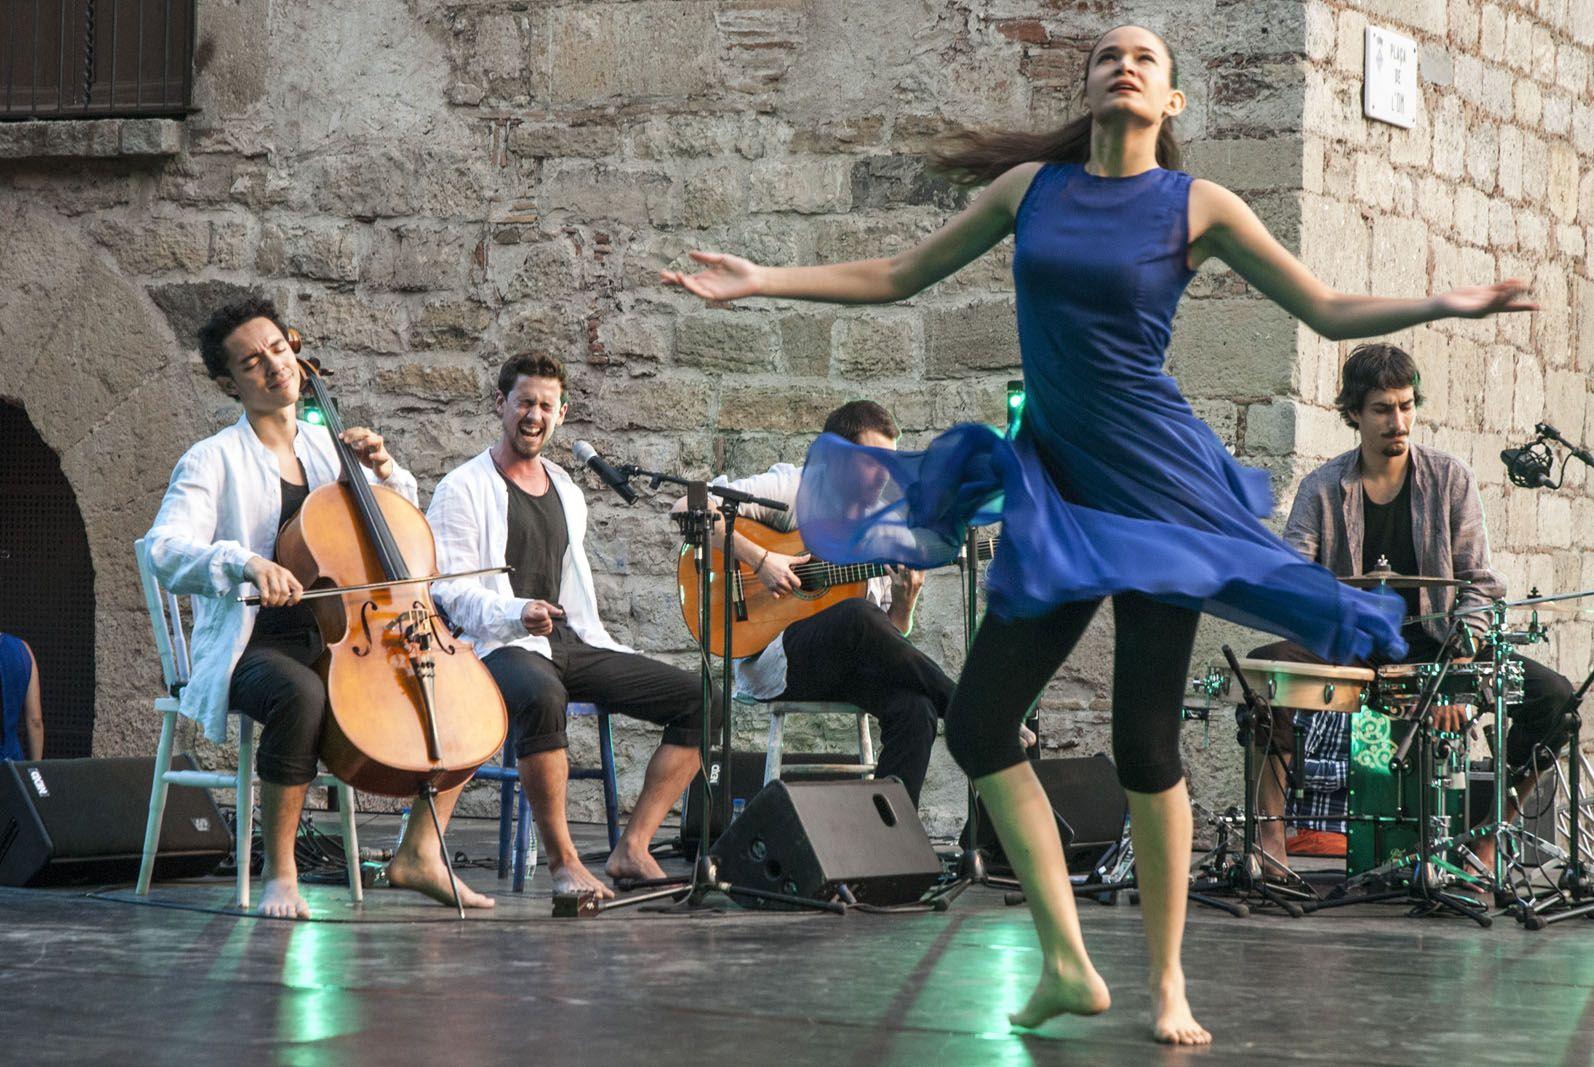 La dansa ha captivat a l'escenari de la plaça de l'Om. FOTO: Aida Sotelo